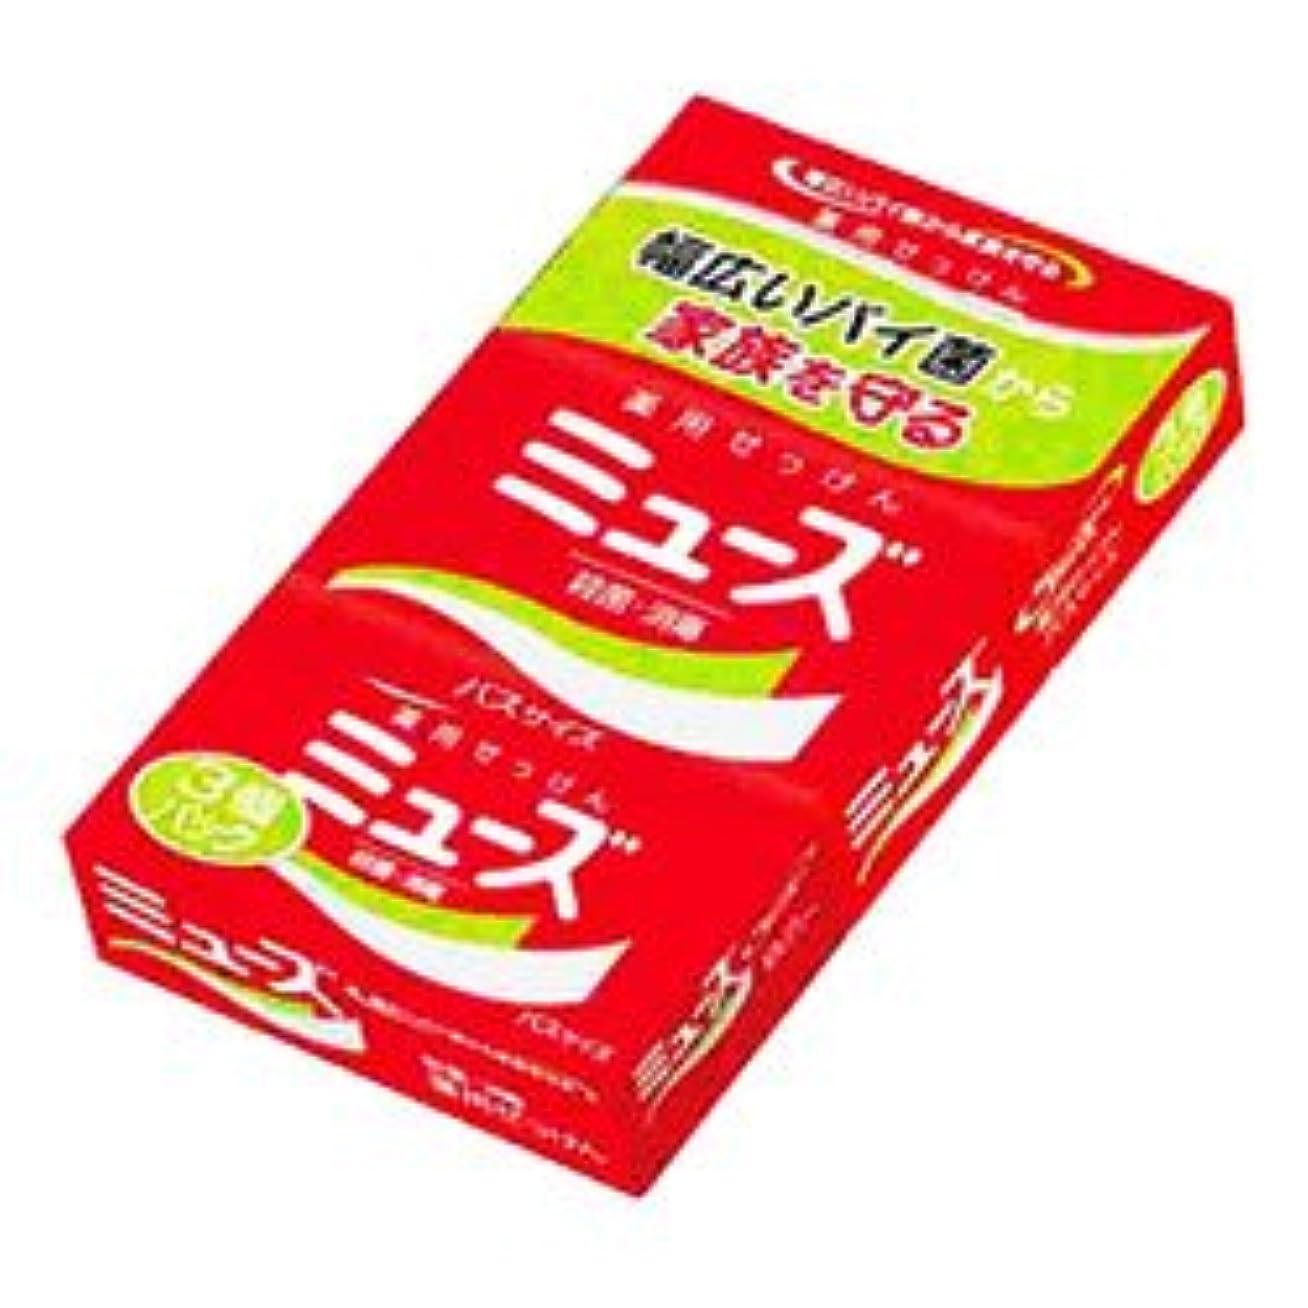 モネ寛大な苦痛【アース製薬】ミューズ石鹸 バスサイズ 135g*3 ×20個セット